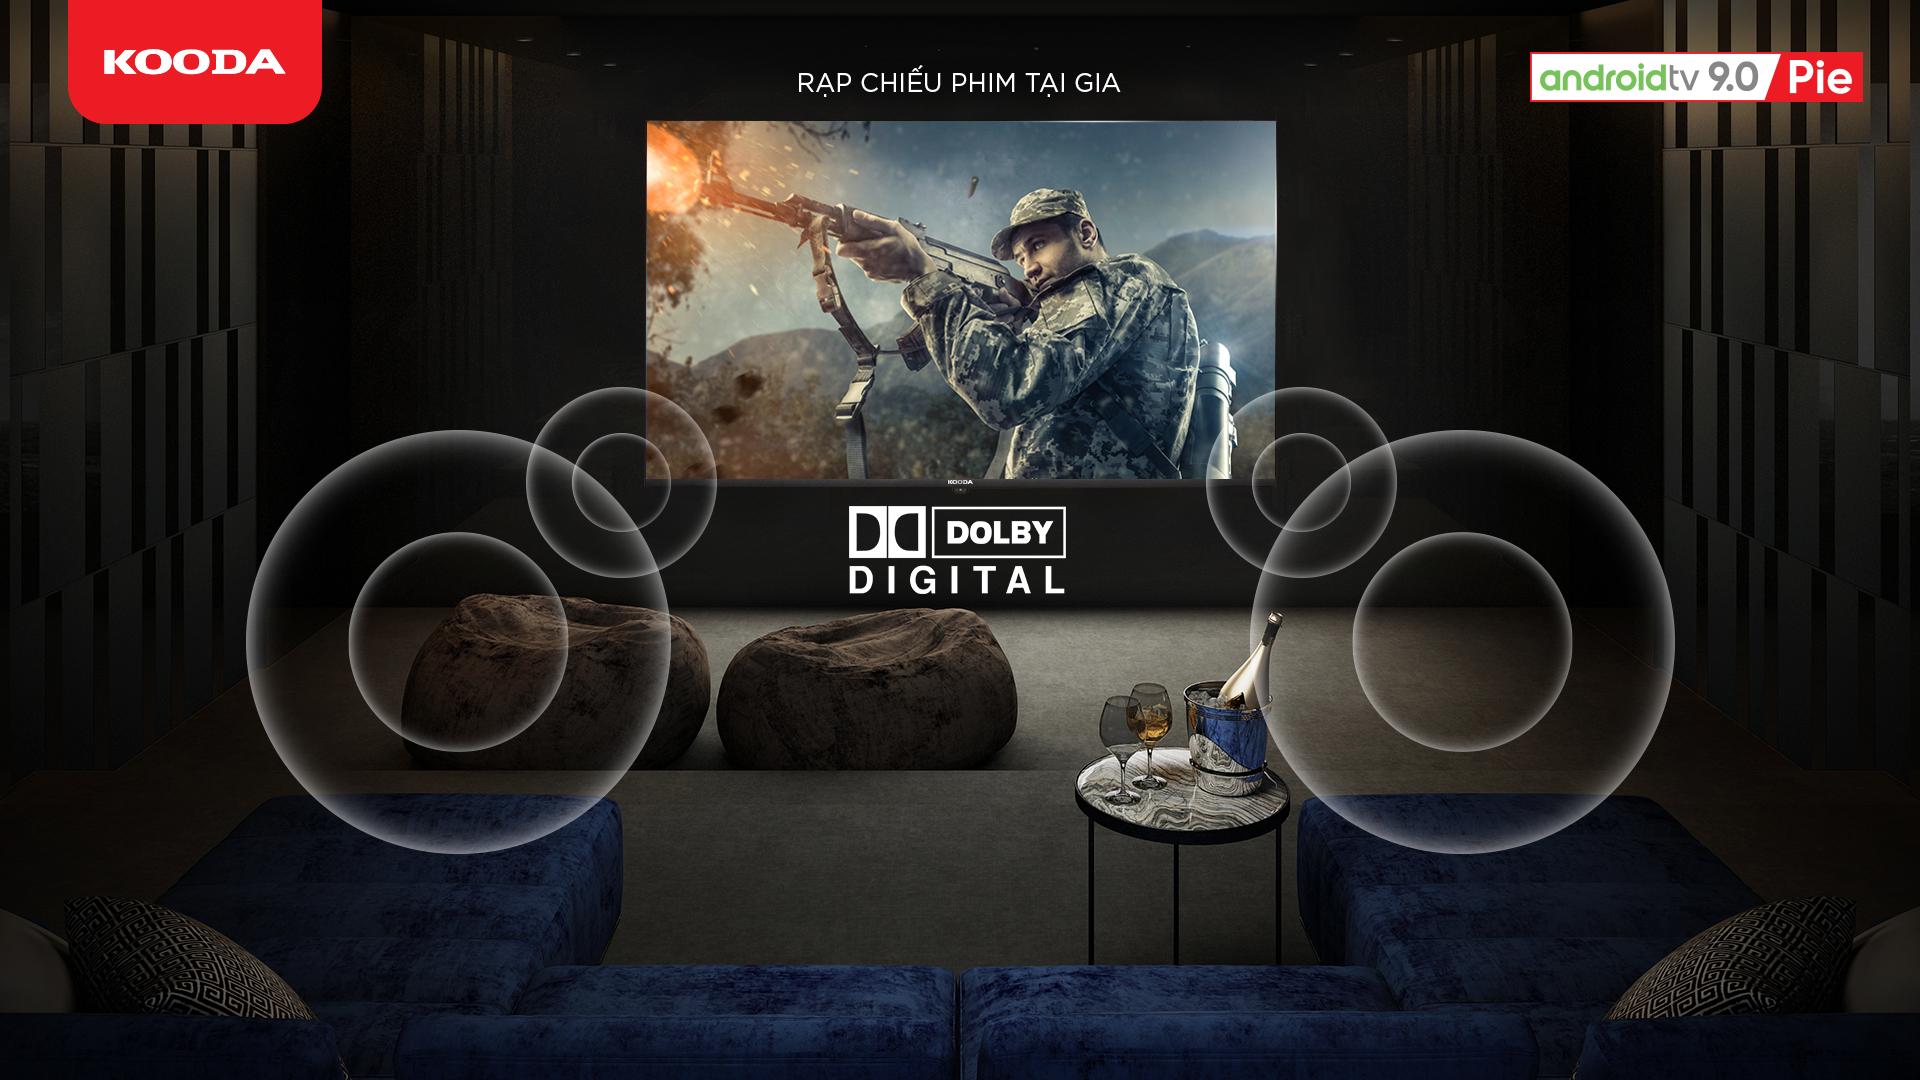 KOODA ra mắt Smart TV với thiết kế viền siêu mỏng, Android TV bản quyền và nhiều tính năng thông minh